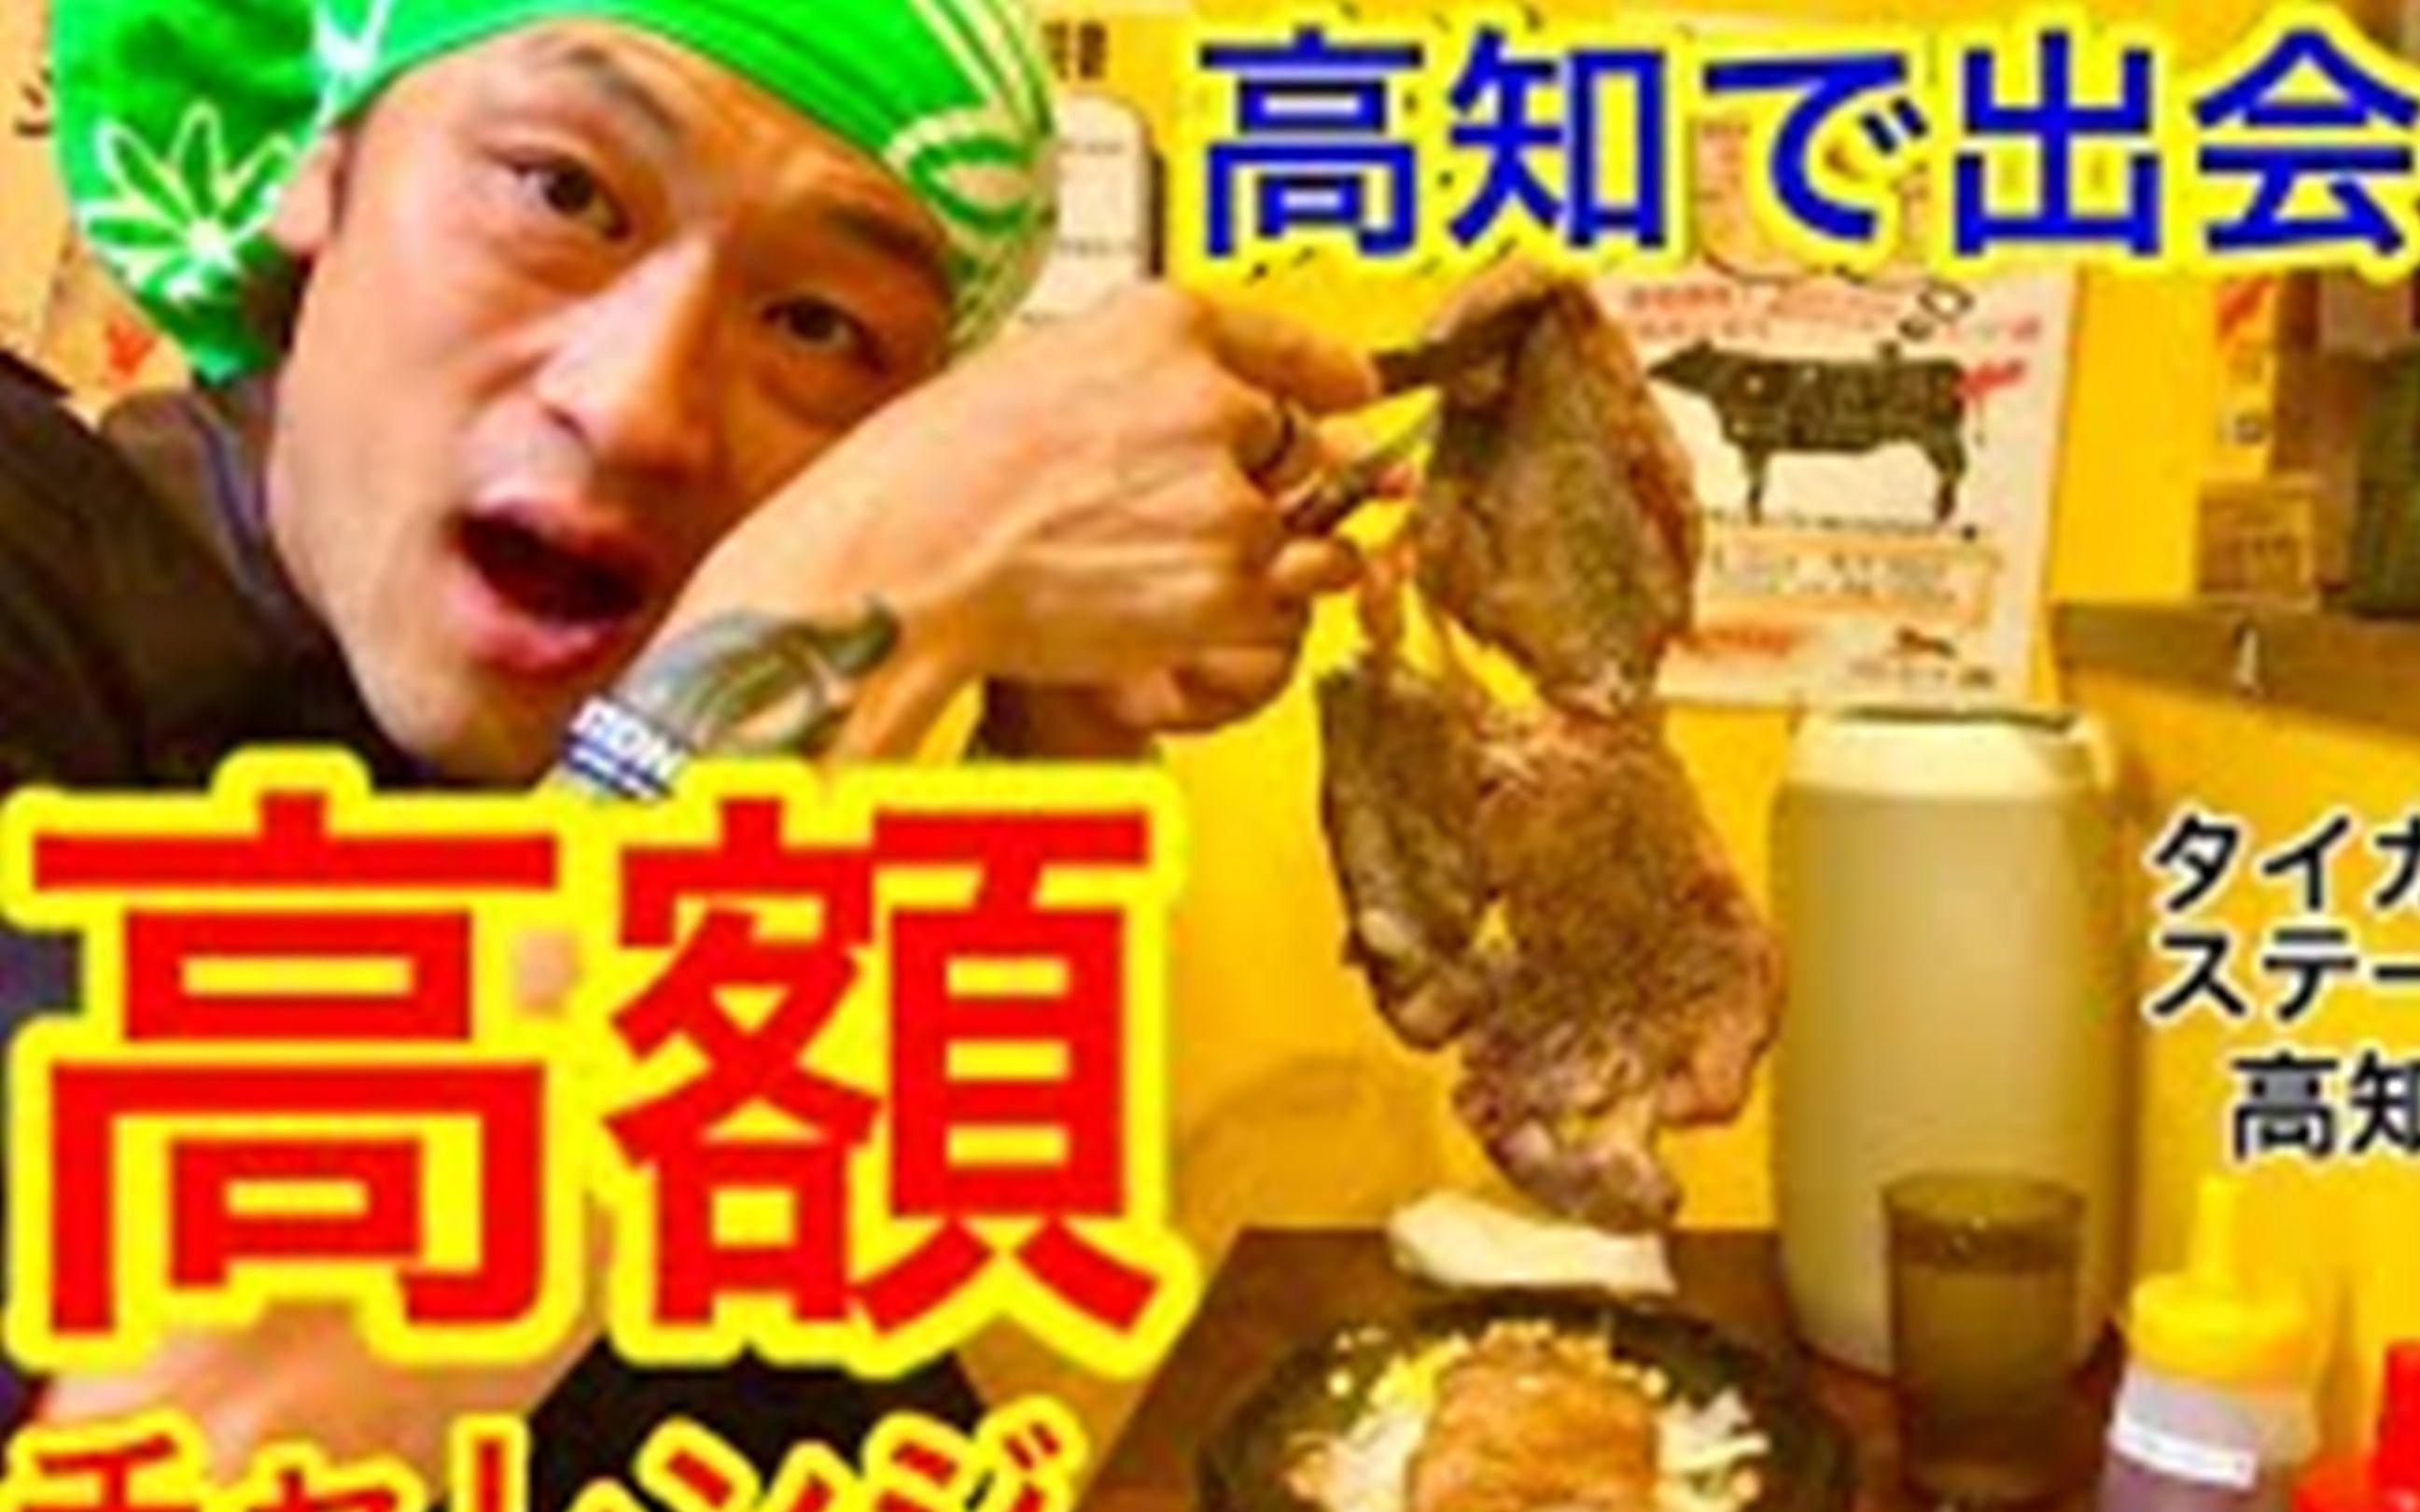 【大胃王】MAX铃木 高知相遇的高额牛排挑战